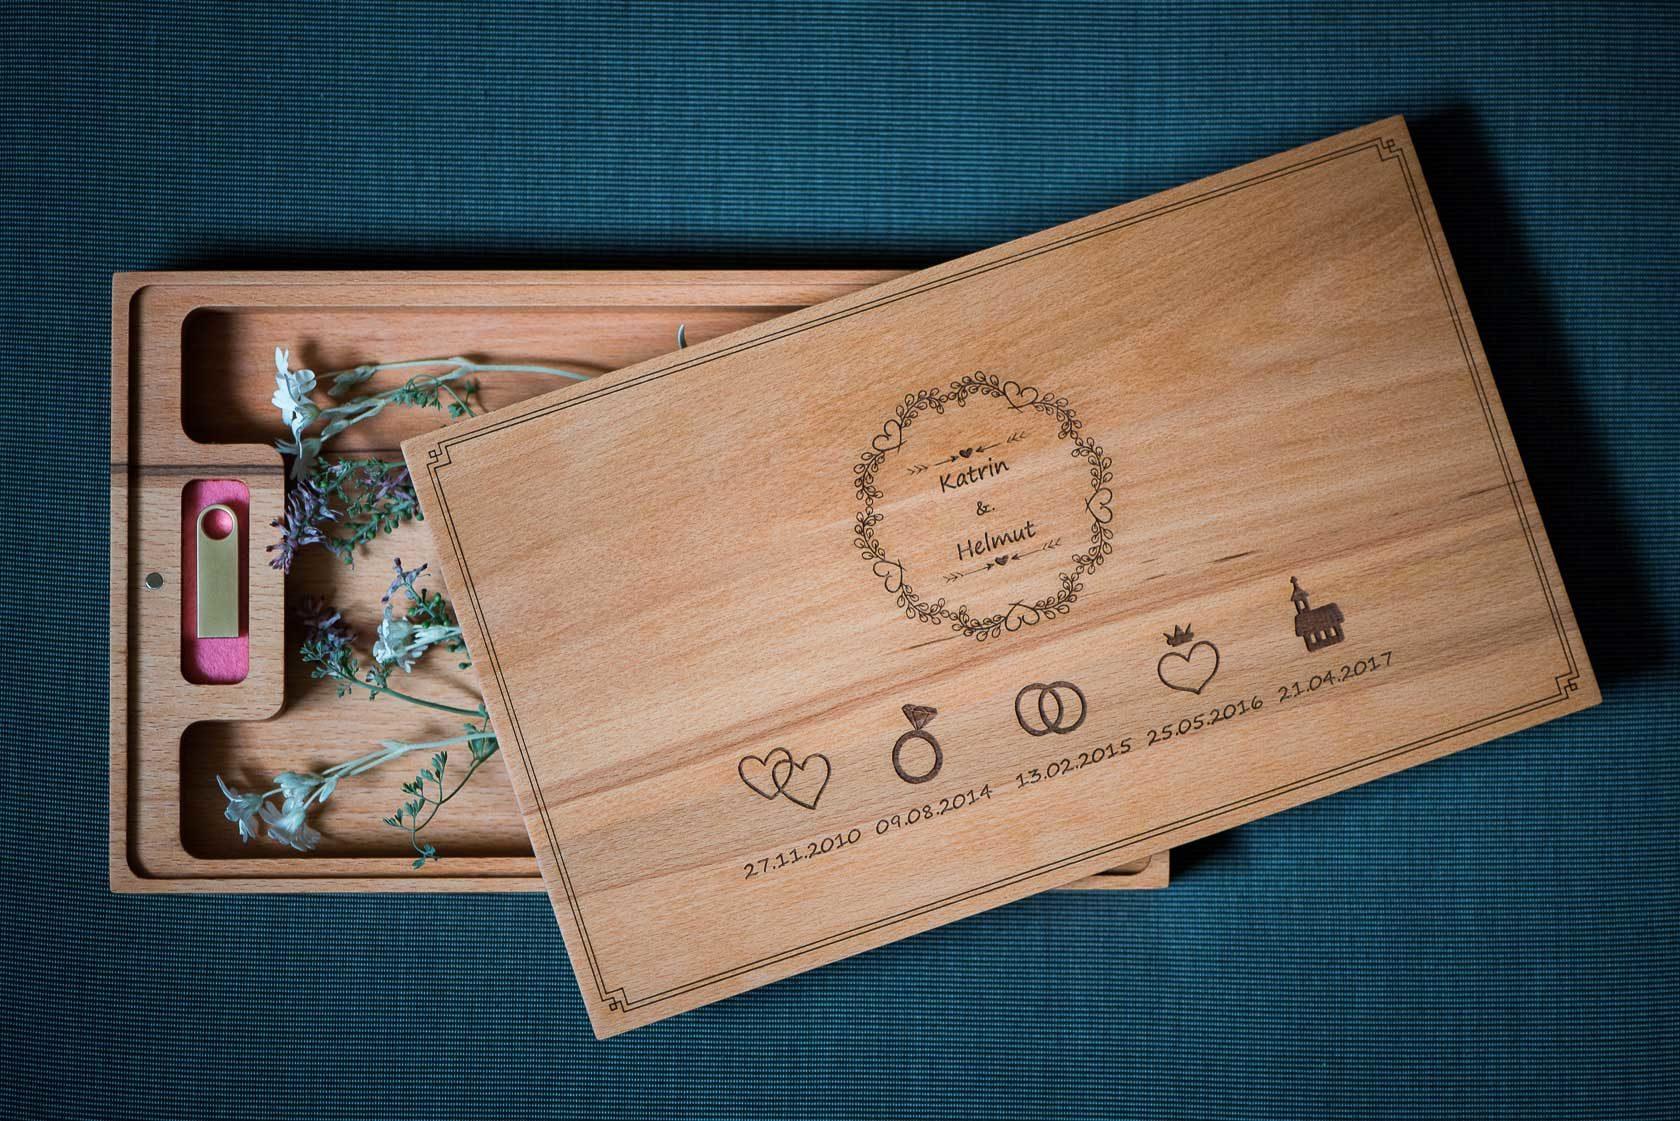 weddingbox zur bergabe an das brautpaar mit usb stick und fotos. Black Bedroom Furniture Sets. Home Design Ideas